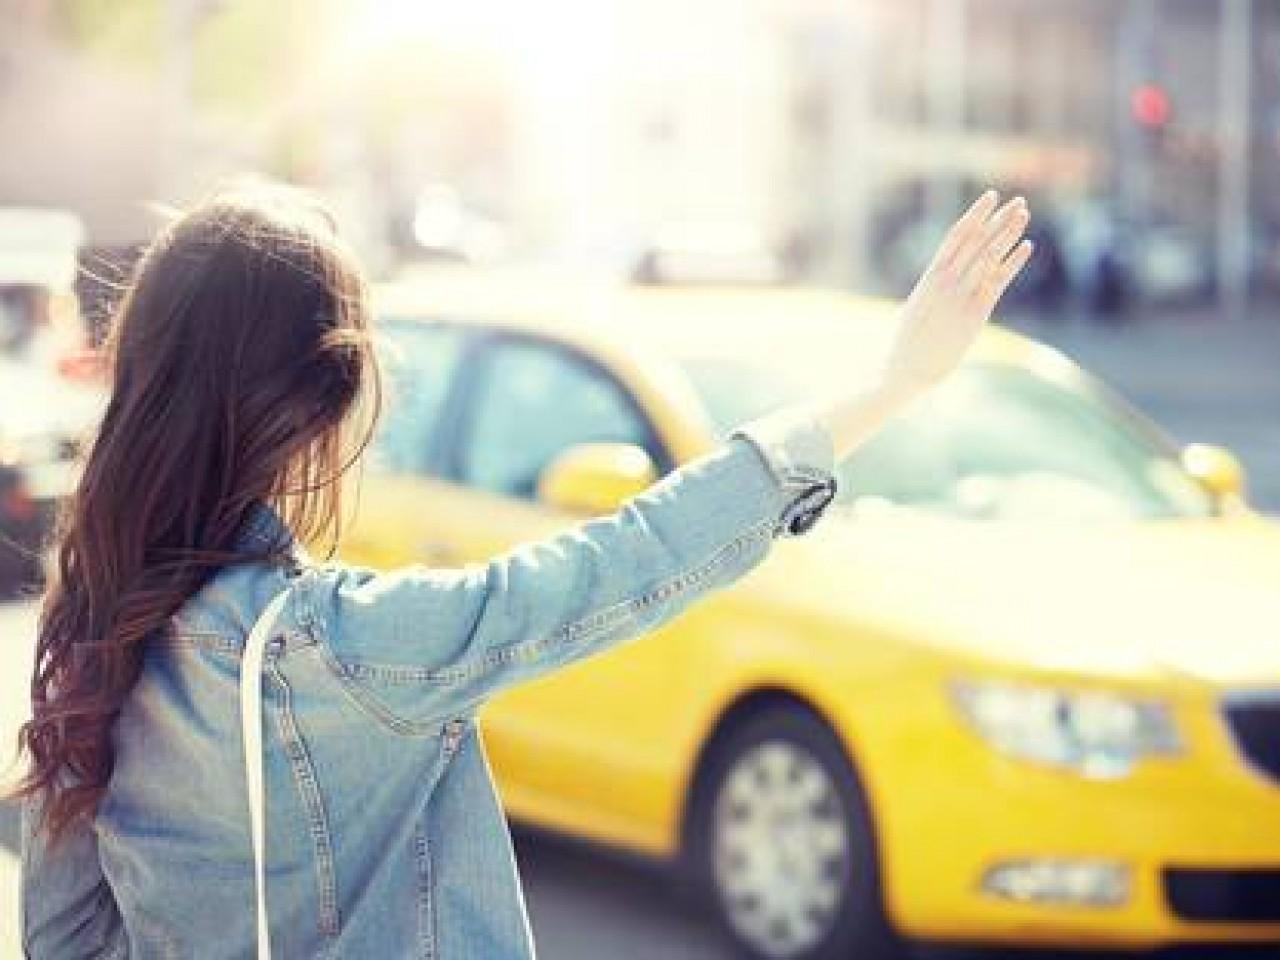 Tourist taxi fares